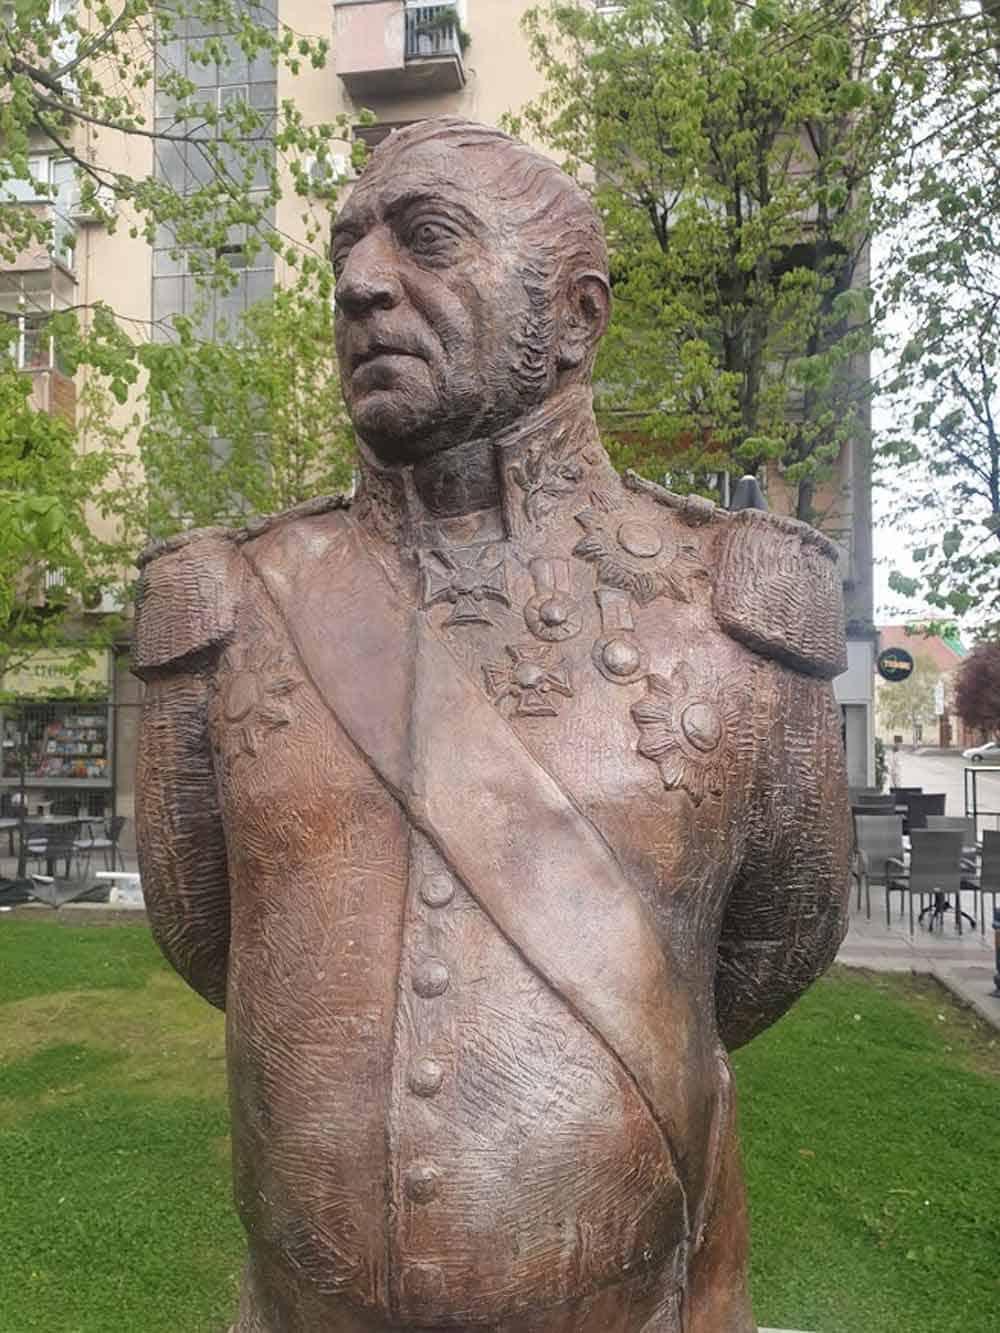 RUSKI PARK: Bista generala Đorđa Aksentijevića